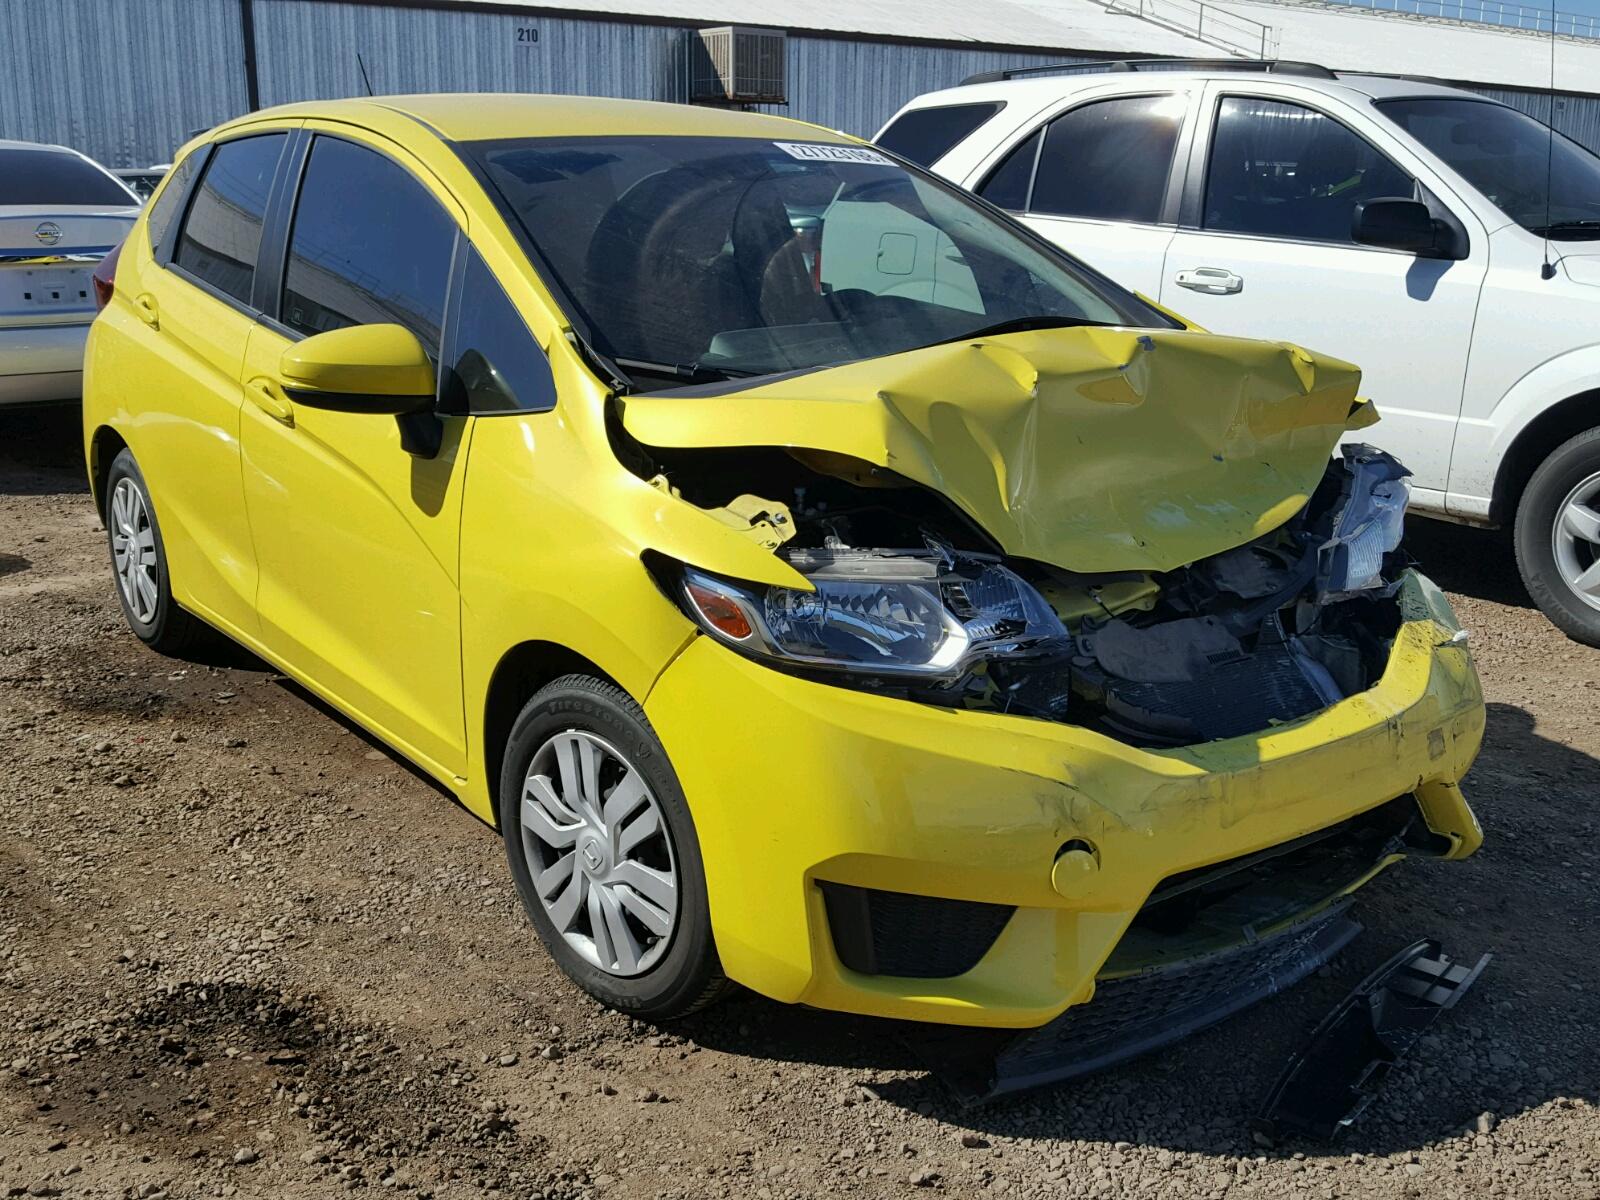 Auto Auction Ended On Vin 19xfb2f58de059684 2013 Honda